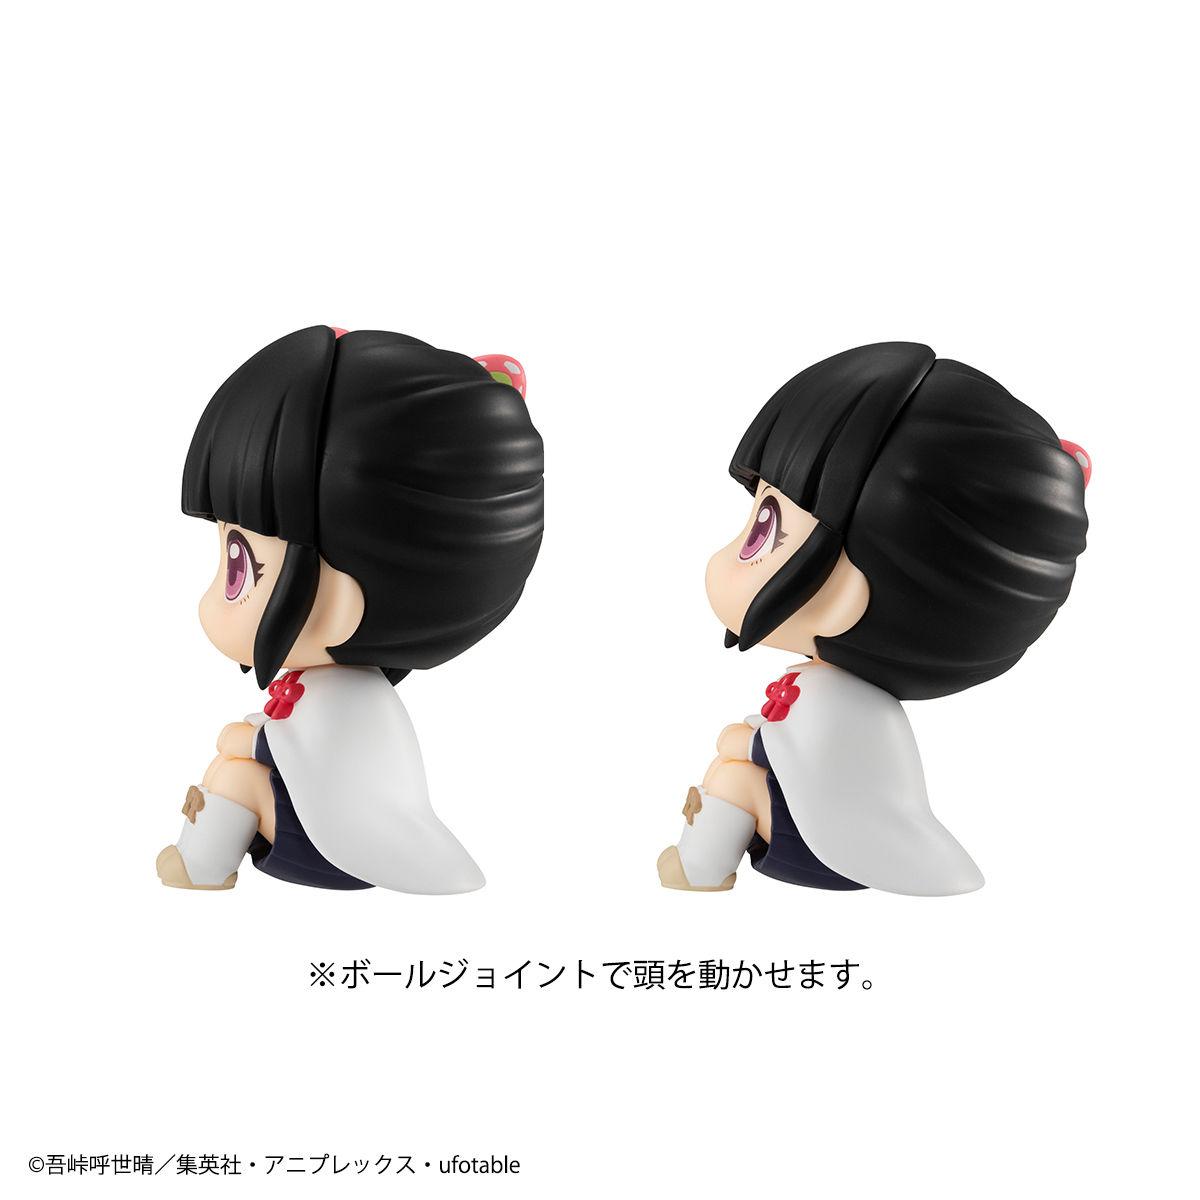 るかっぷ『煉獄杏寿郎』鬼滅の刃 デフォルメ完成品フィギュア-007